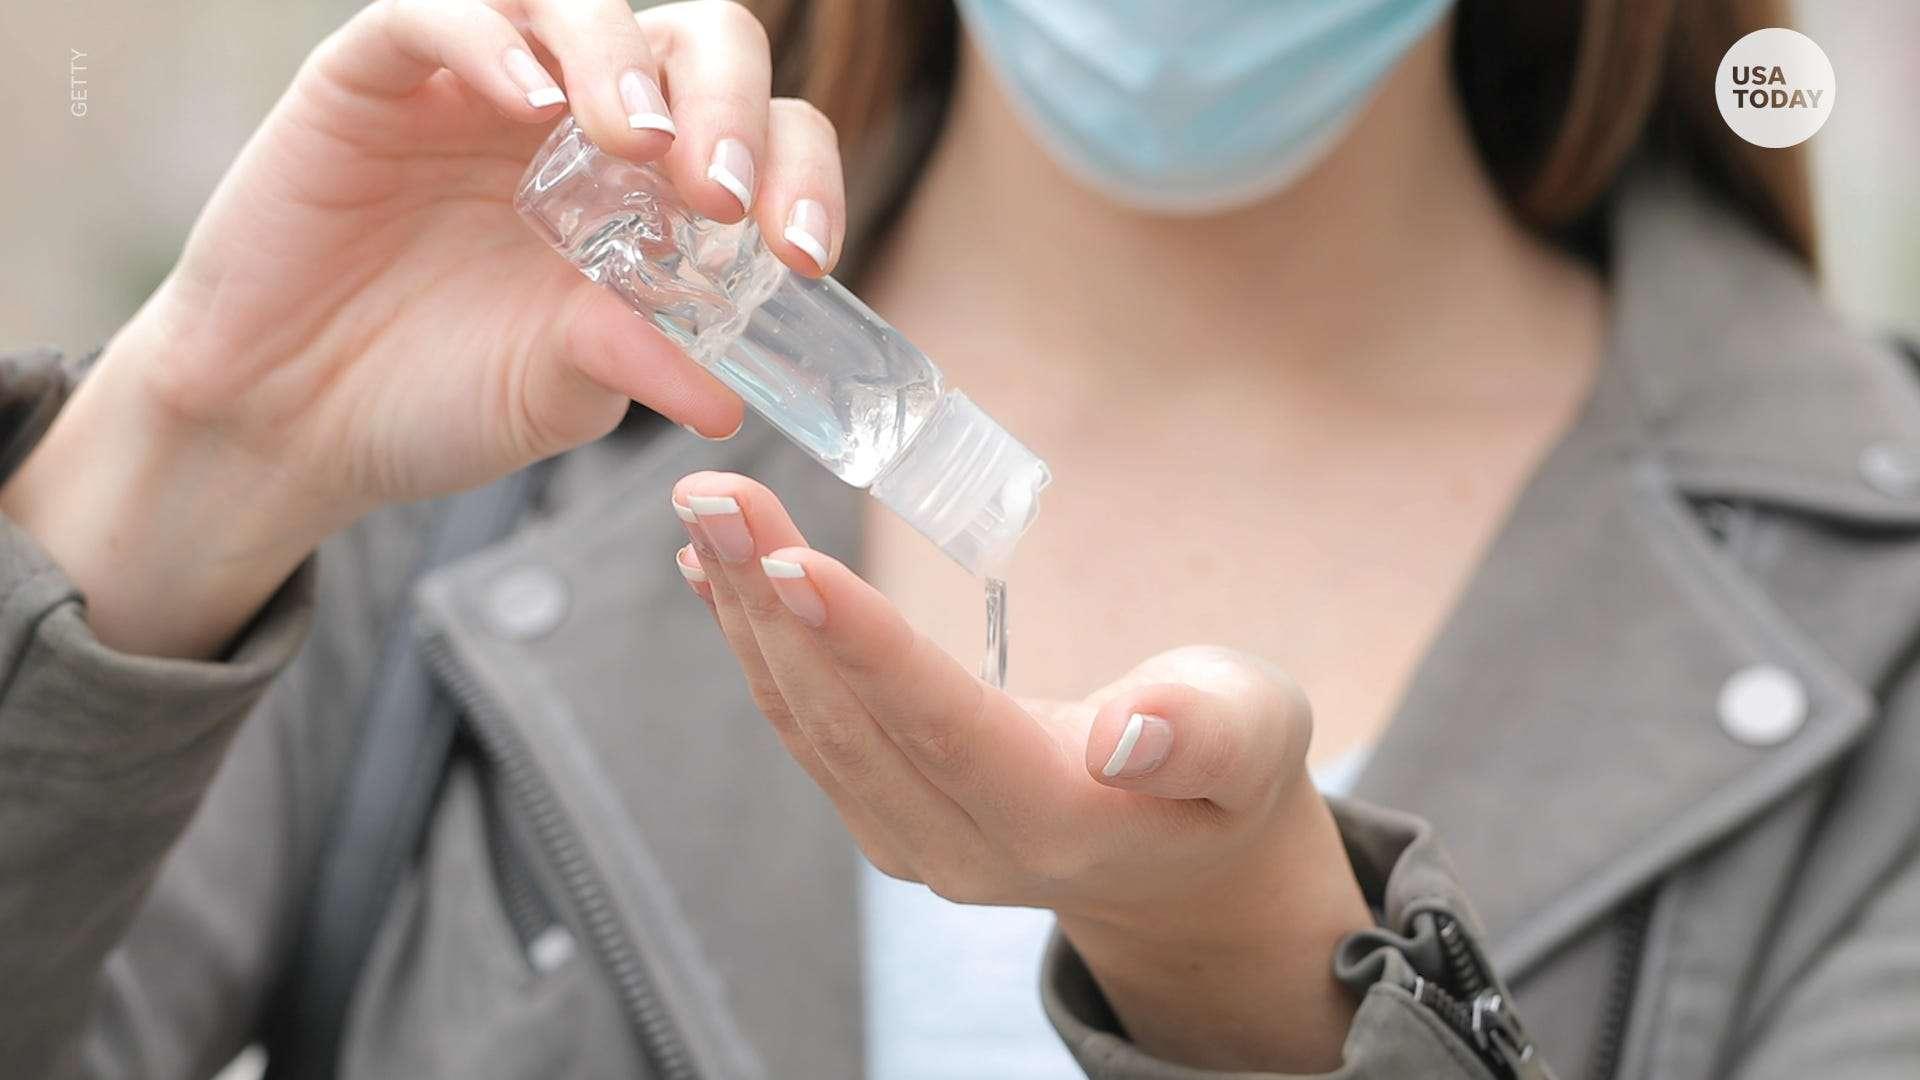 कोविड-19: कहीं रोज़ इस्तेमाल होने वाले डिवाइस ही तो हमें संक्रमित नहीं कर रहे?